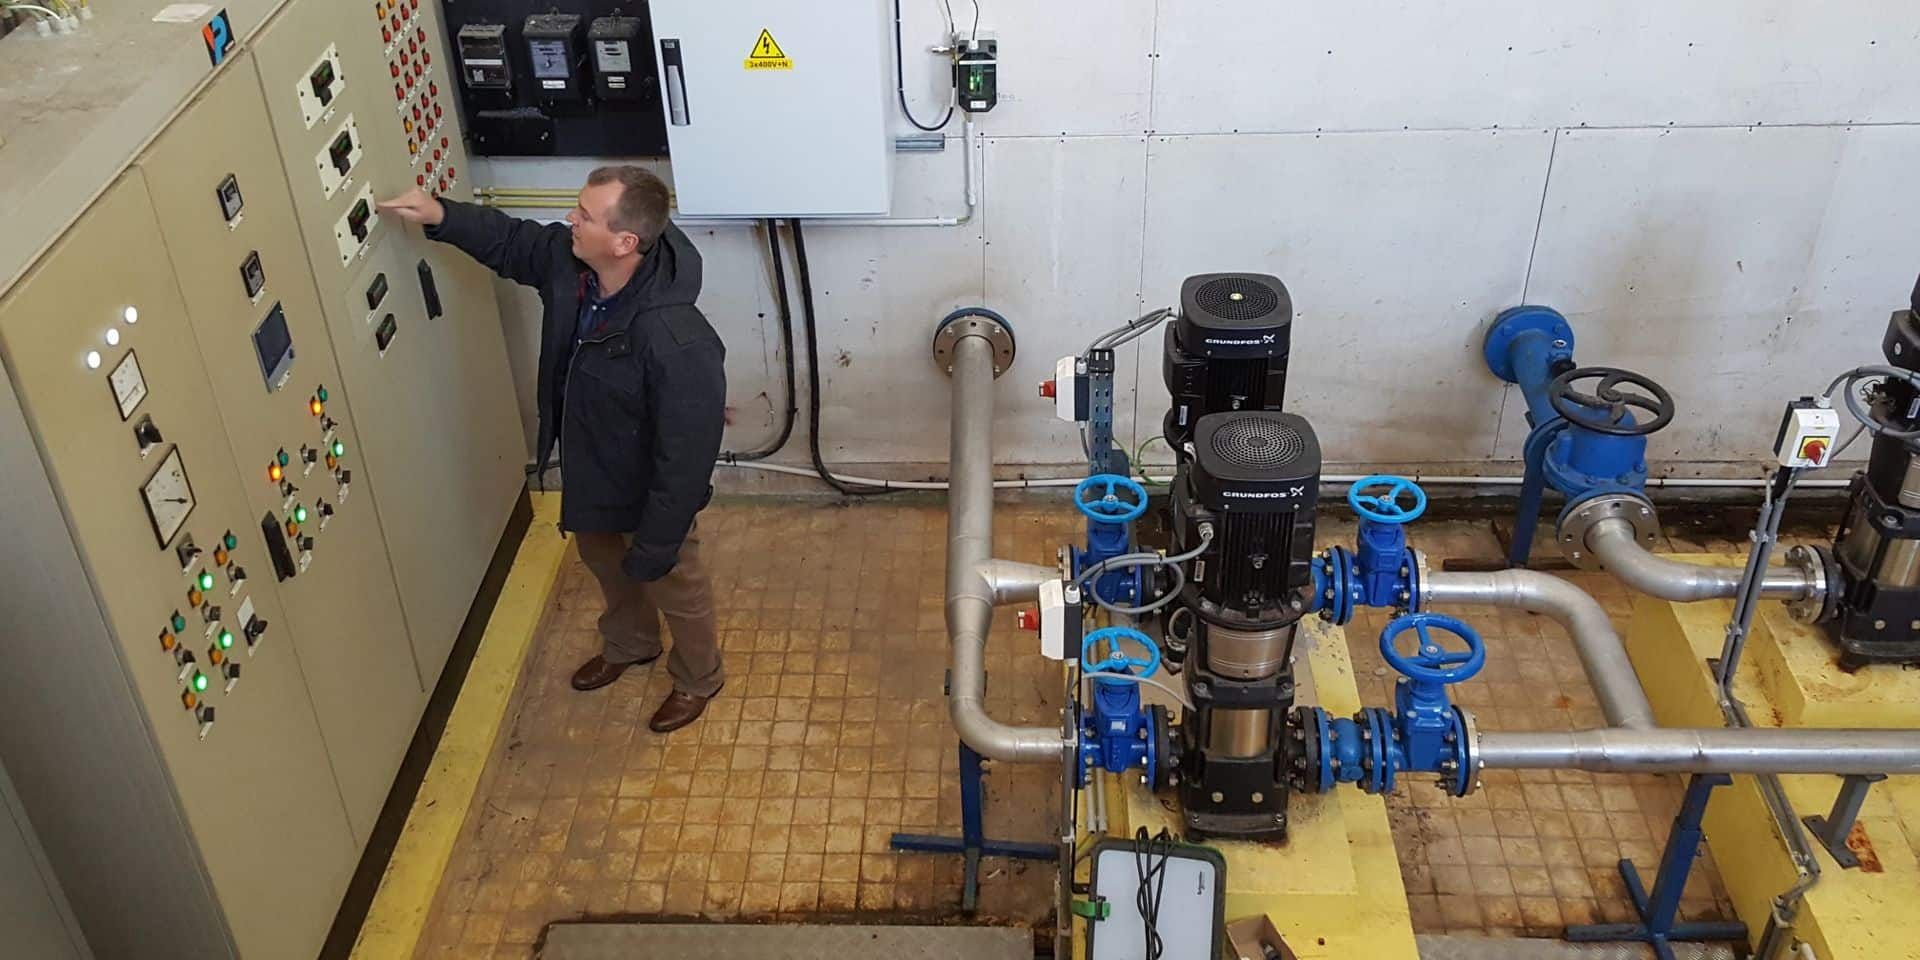 Perwez propose une réduction sur la facture d'eau à ses habitants touchés par la crise